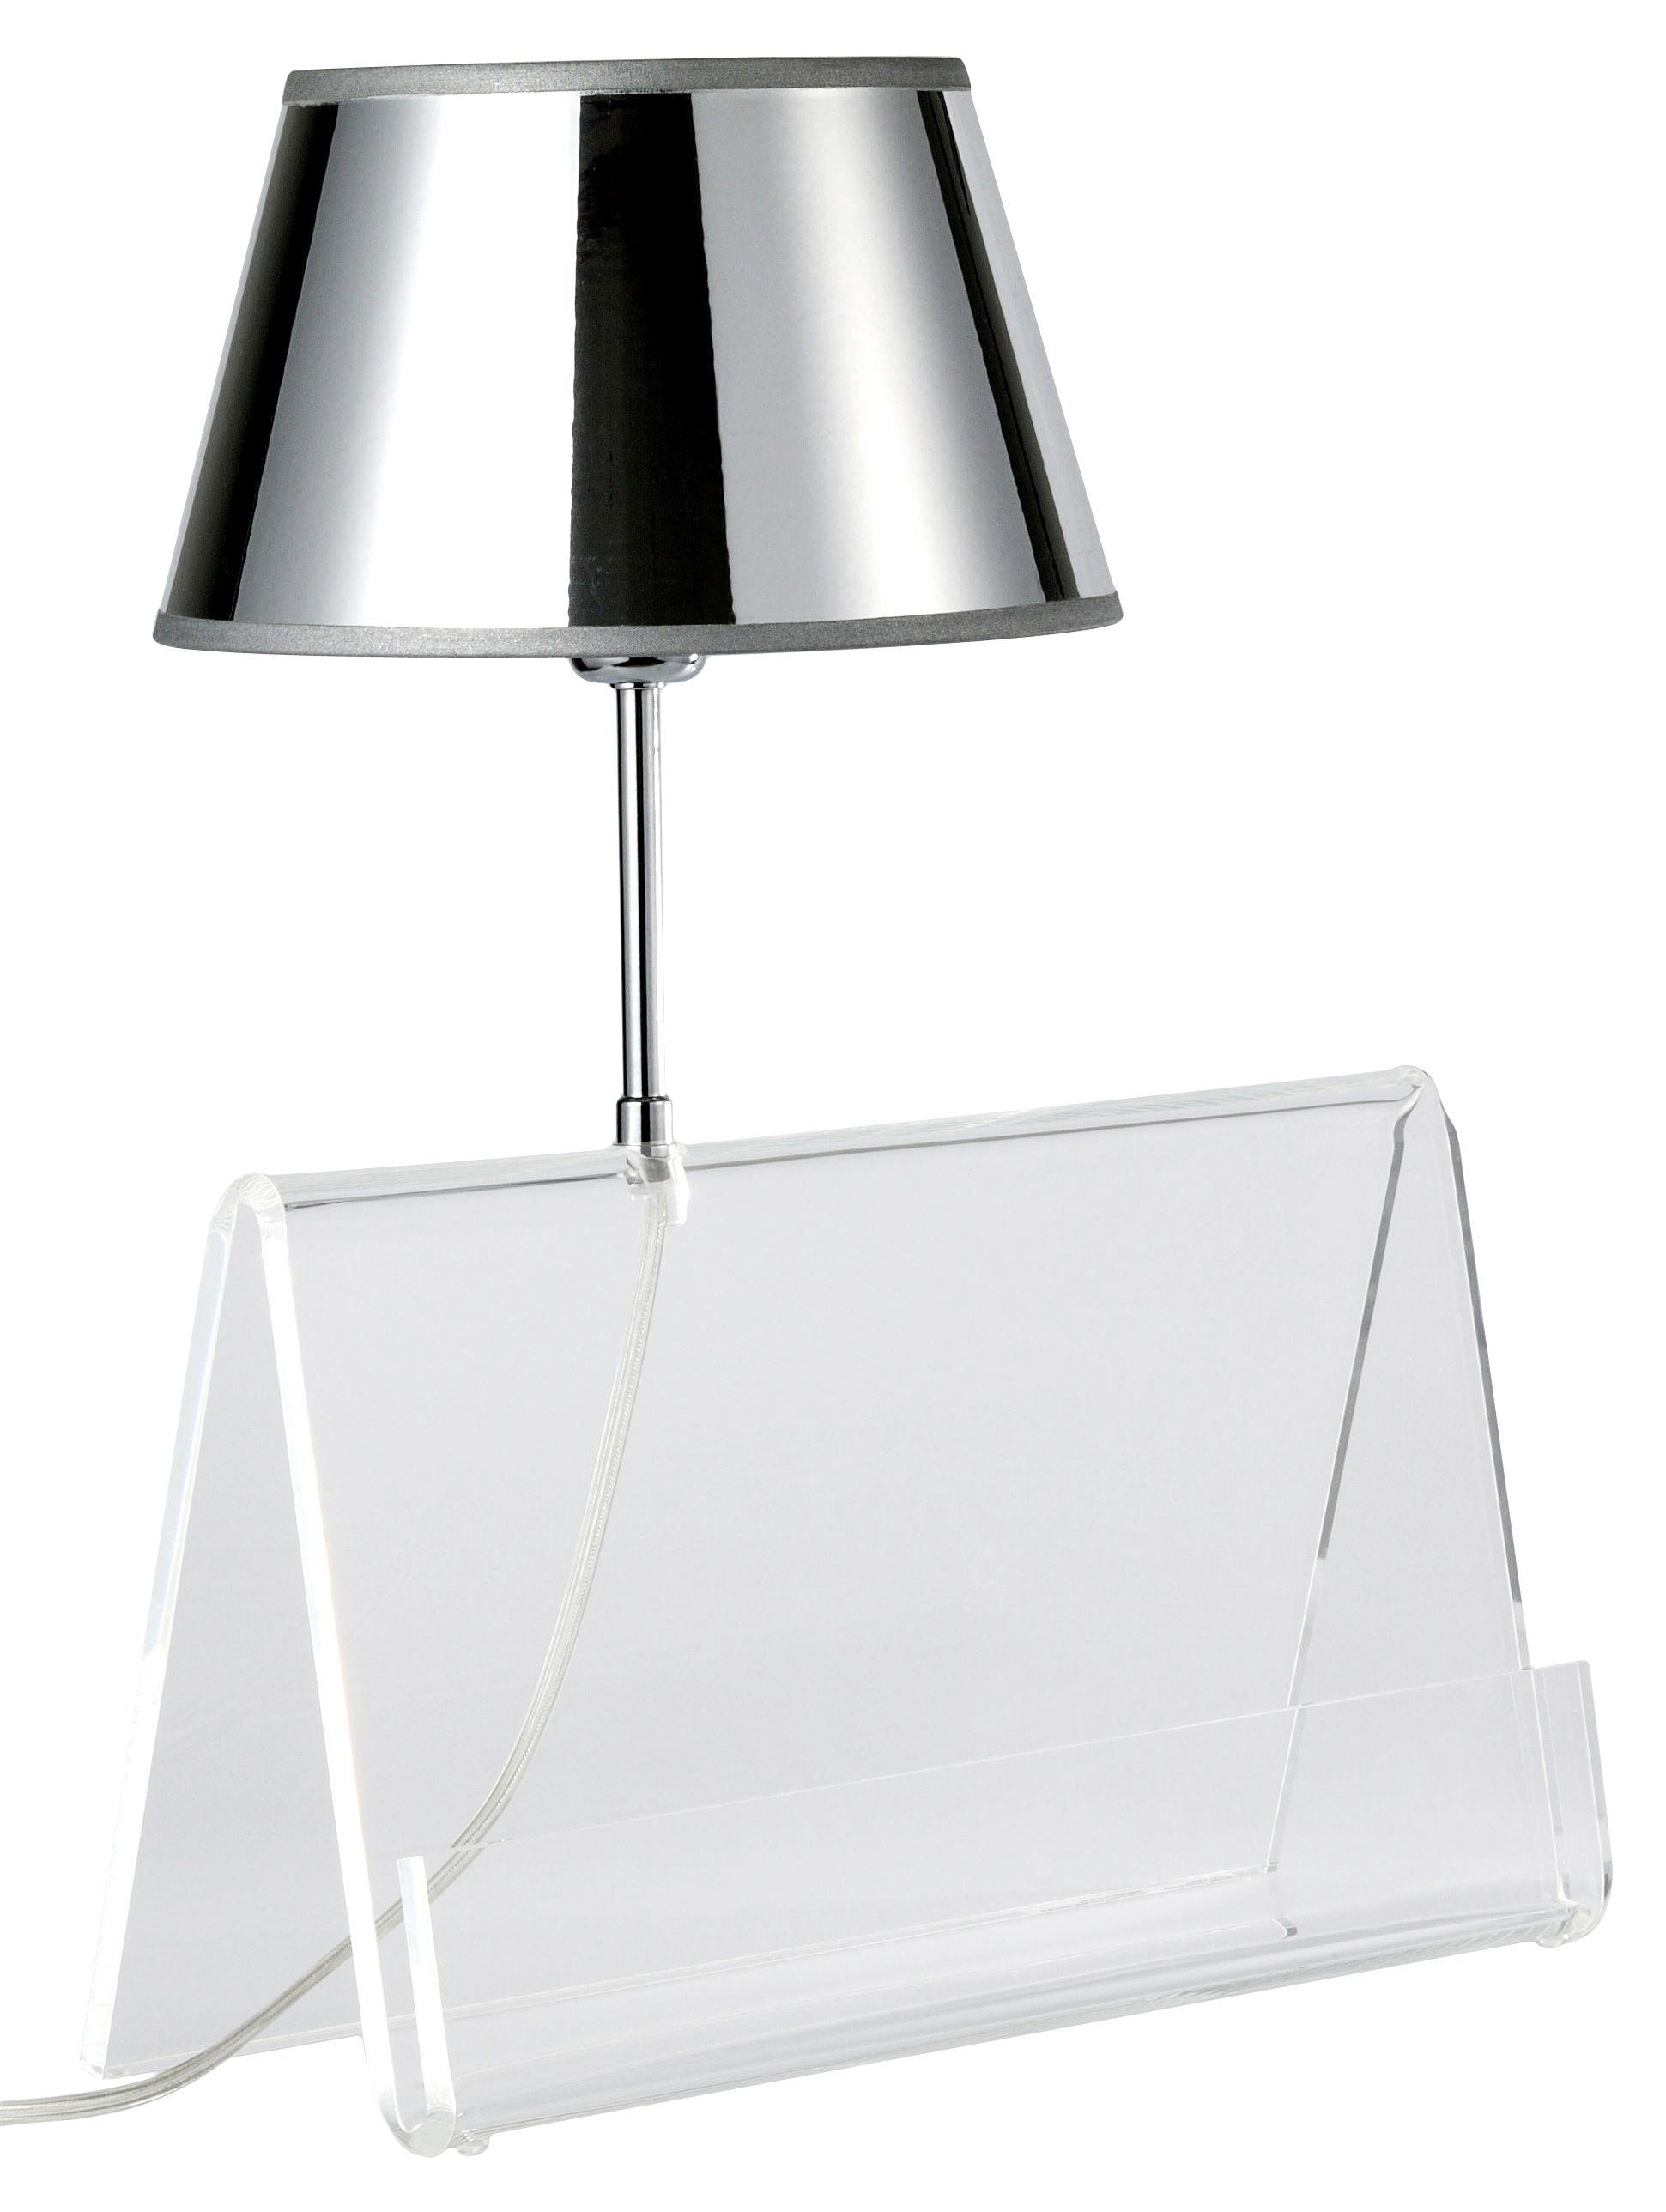 Luminaire - Lampes de table - Lampe de table L'Empirique - Designheure - Transparent / Argent - Acrylique, PVC métallisé